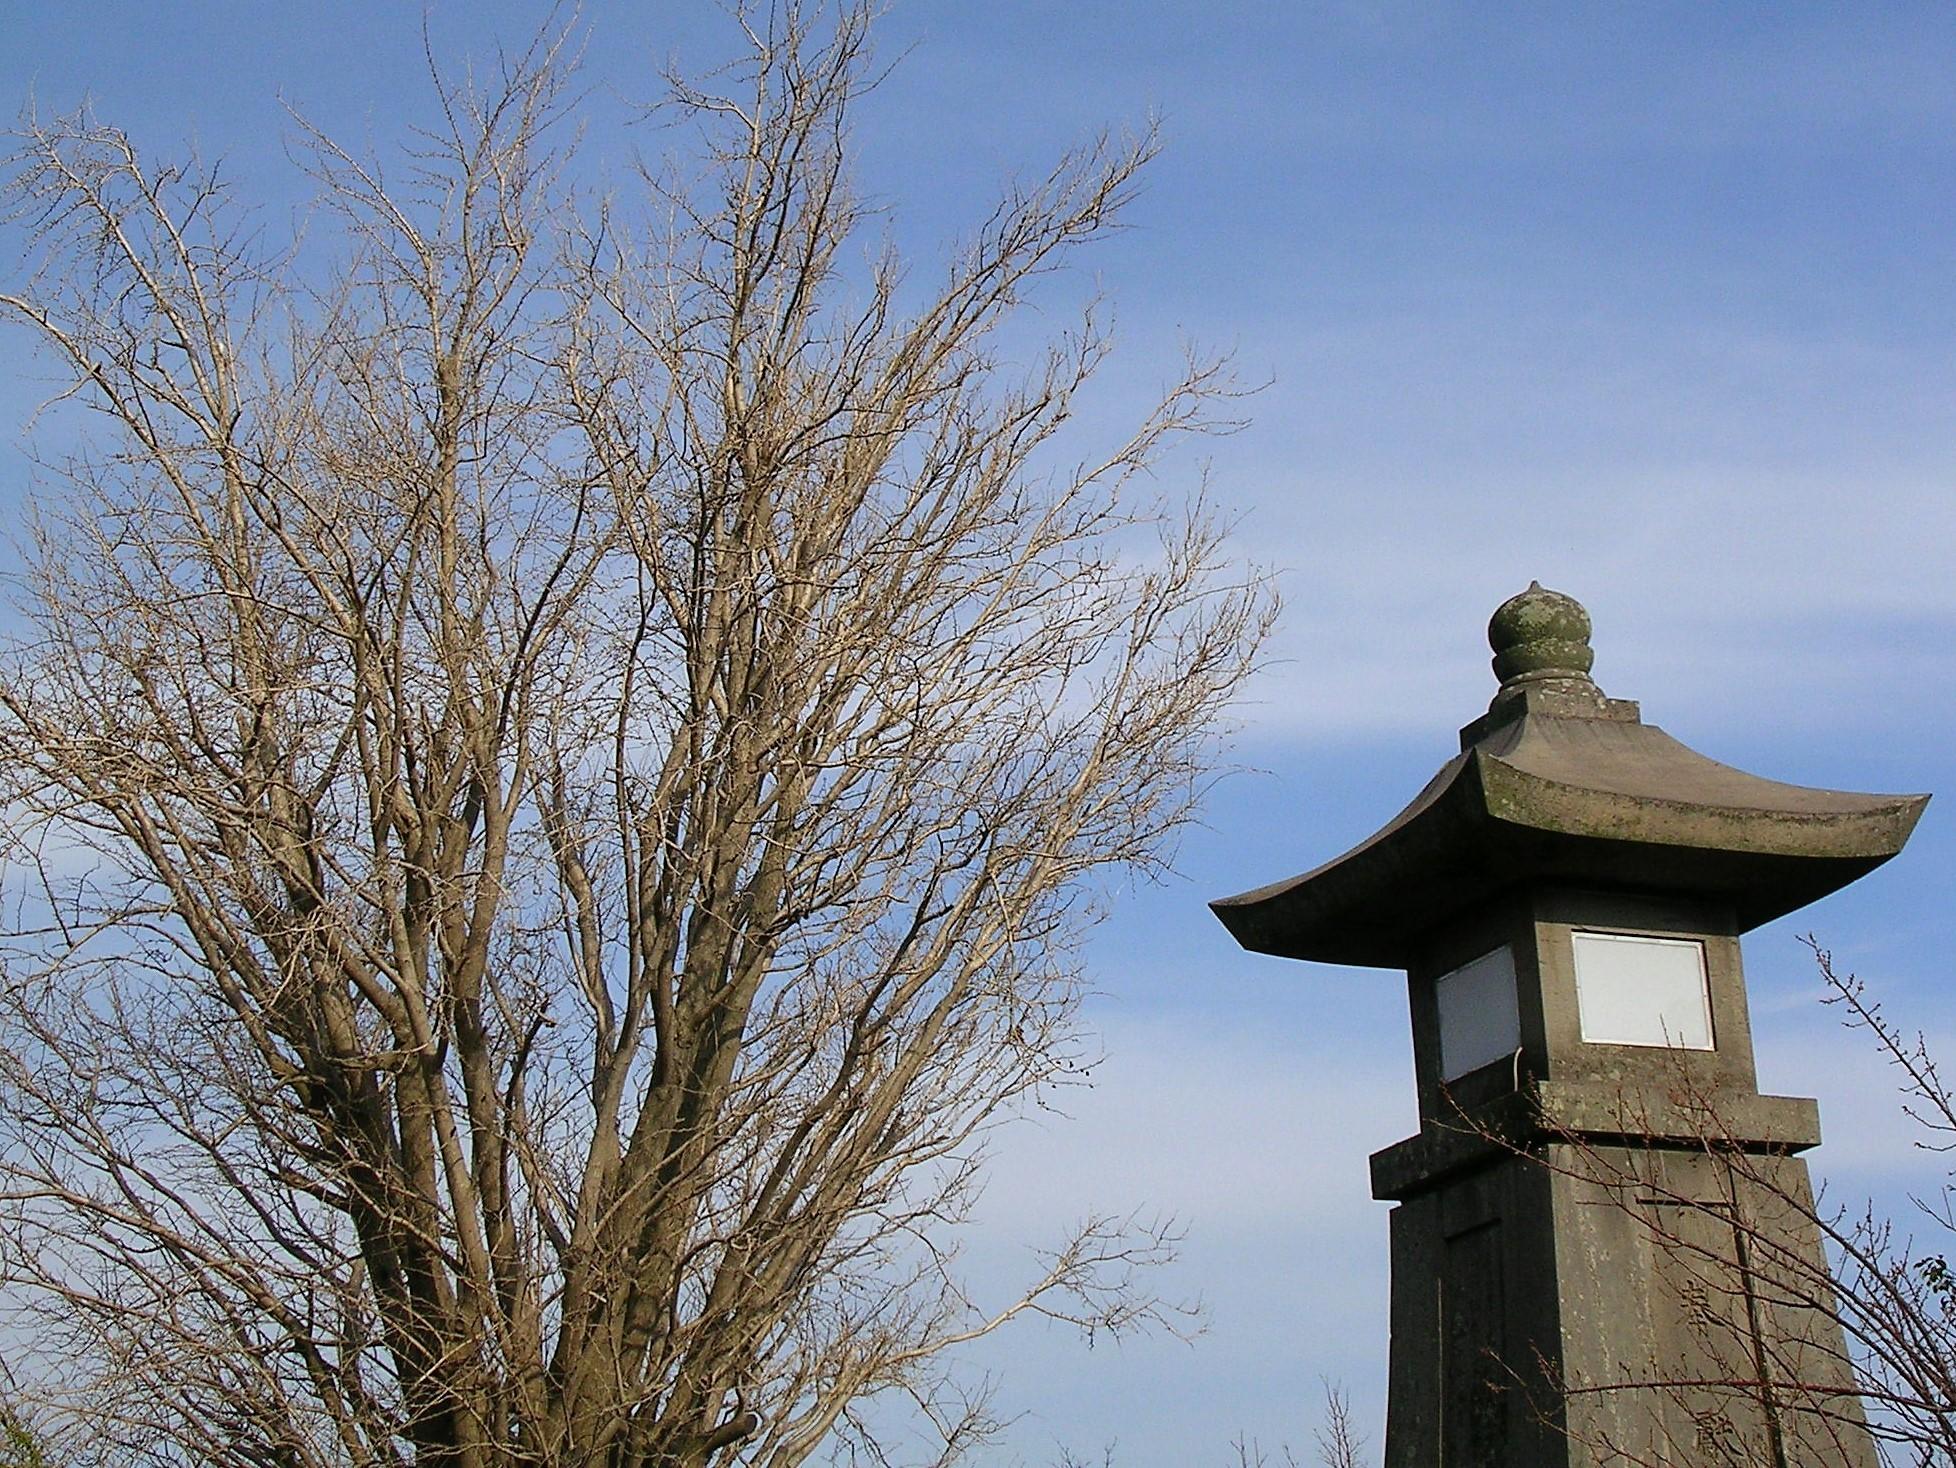 石灯籠と裸木